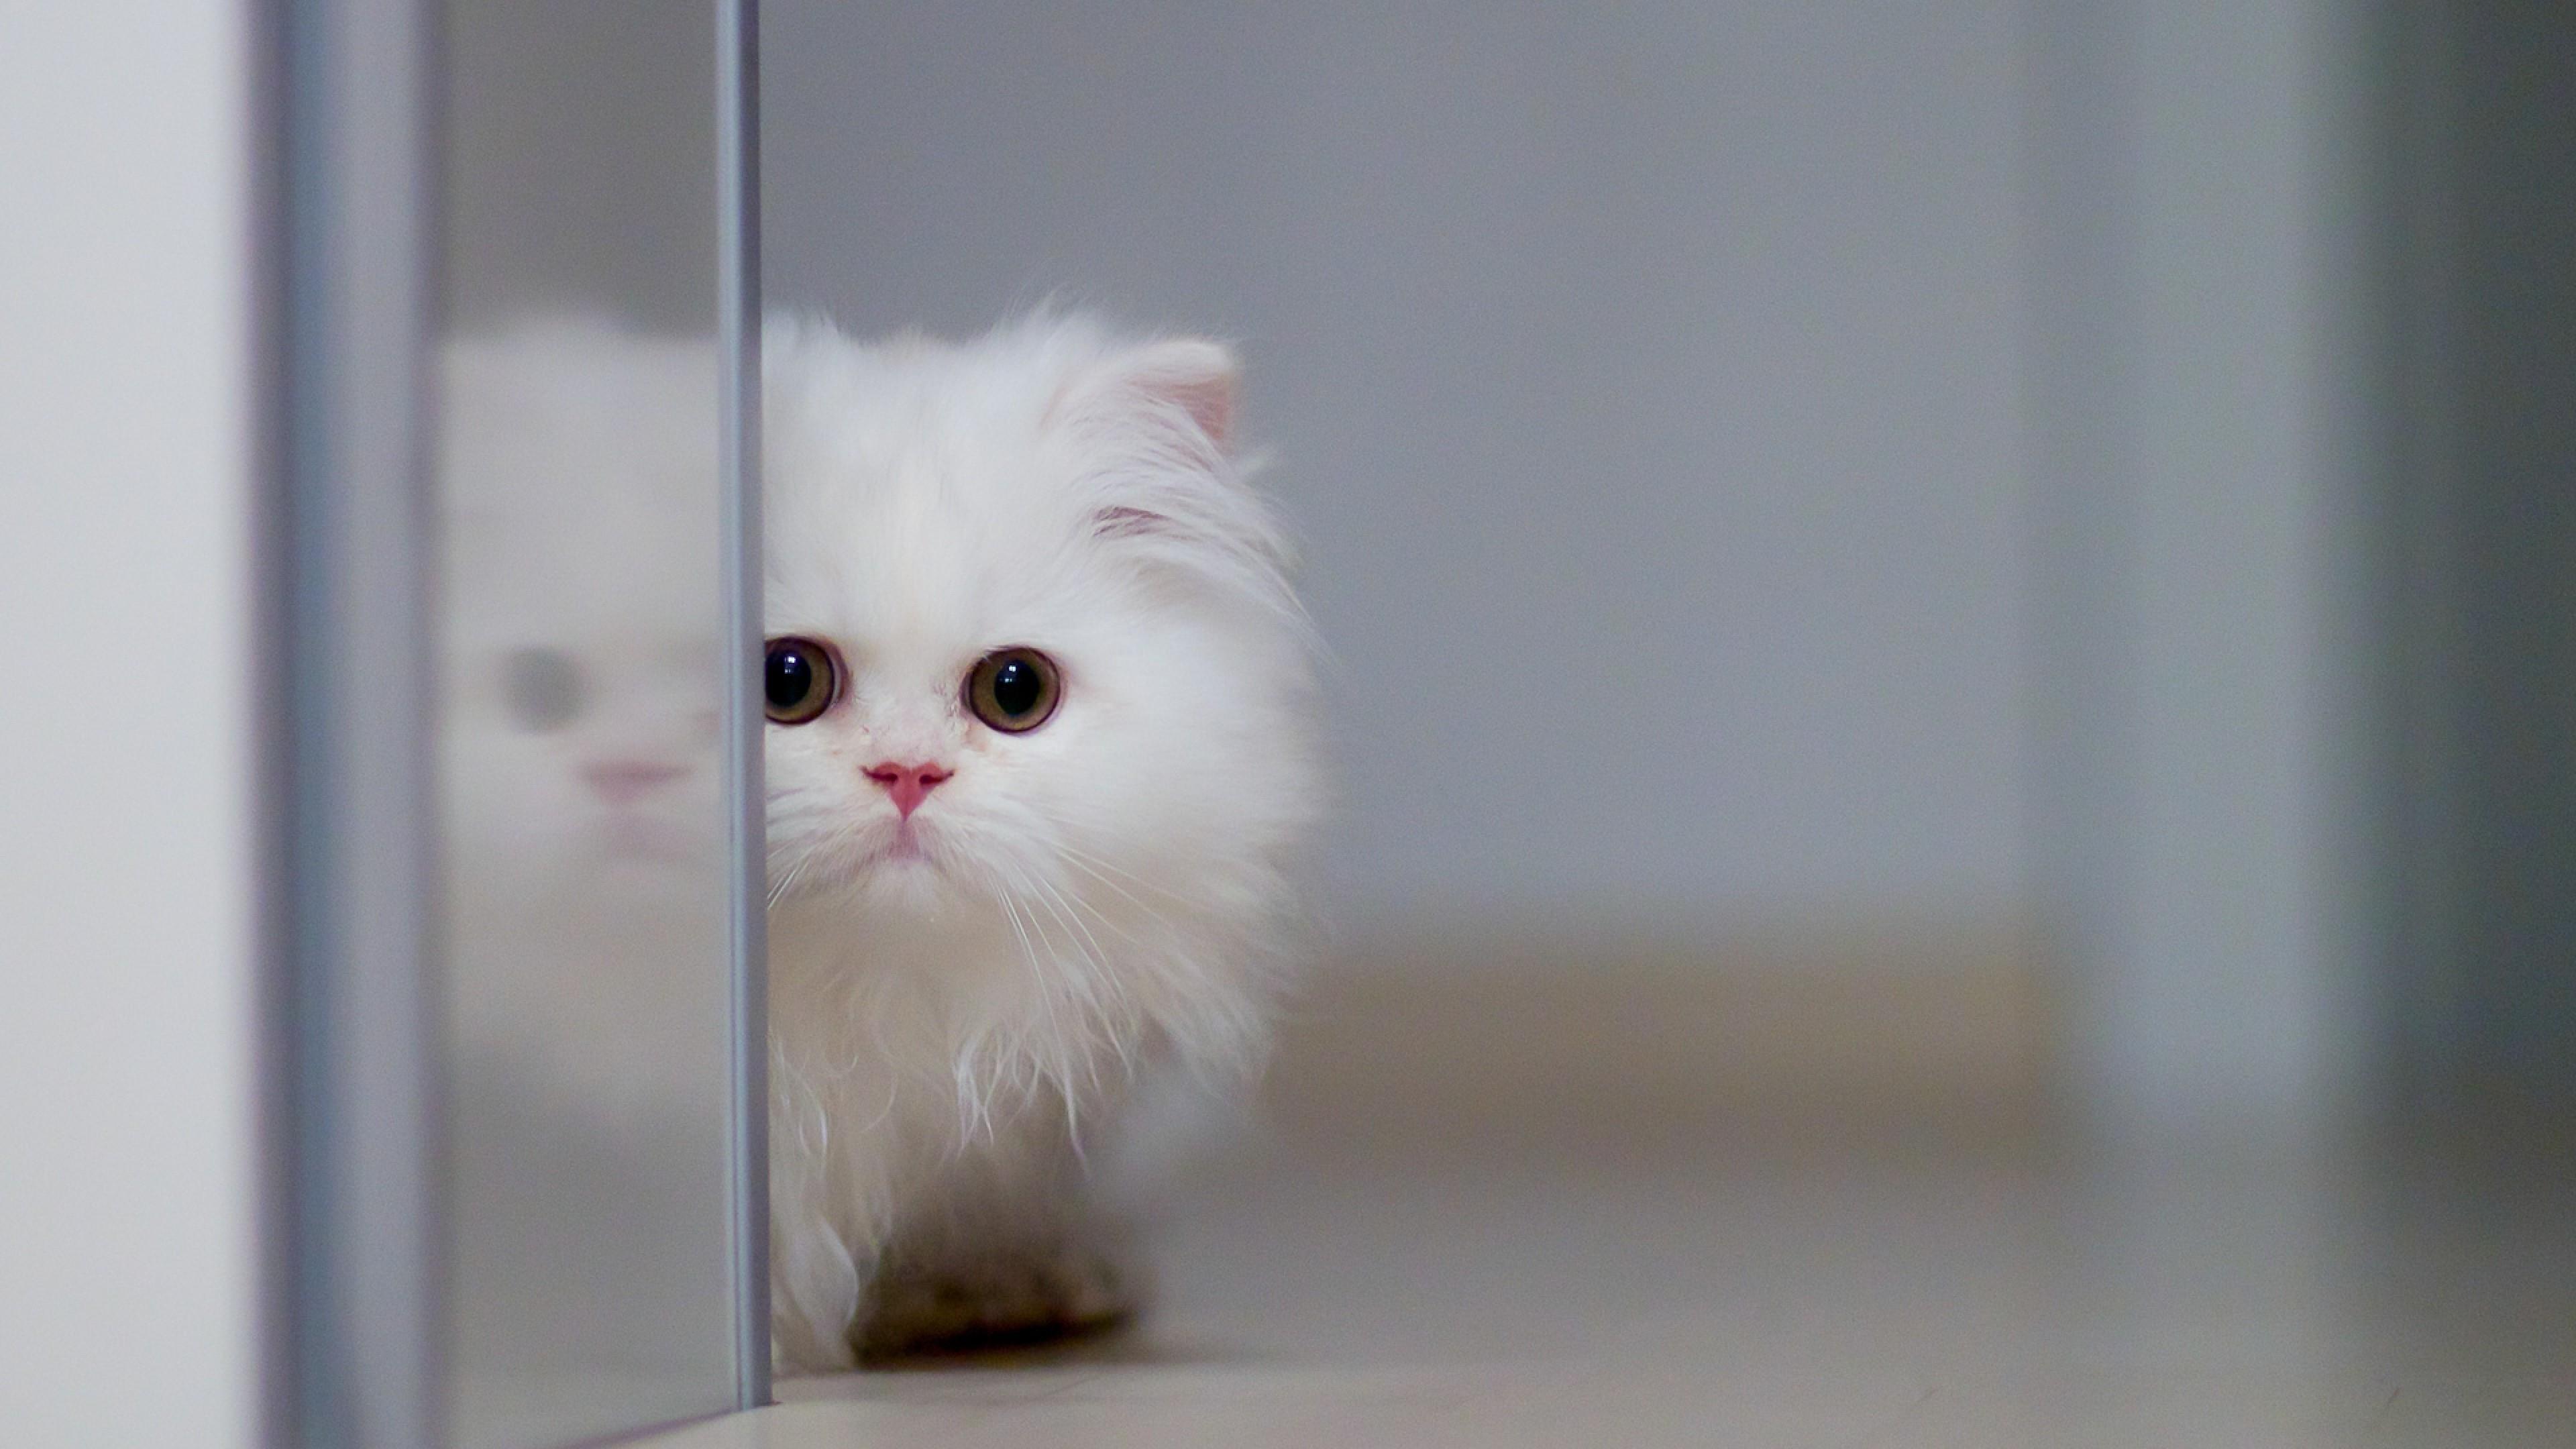 Cute cat  wallpaper